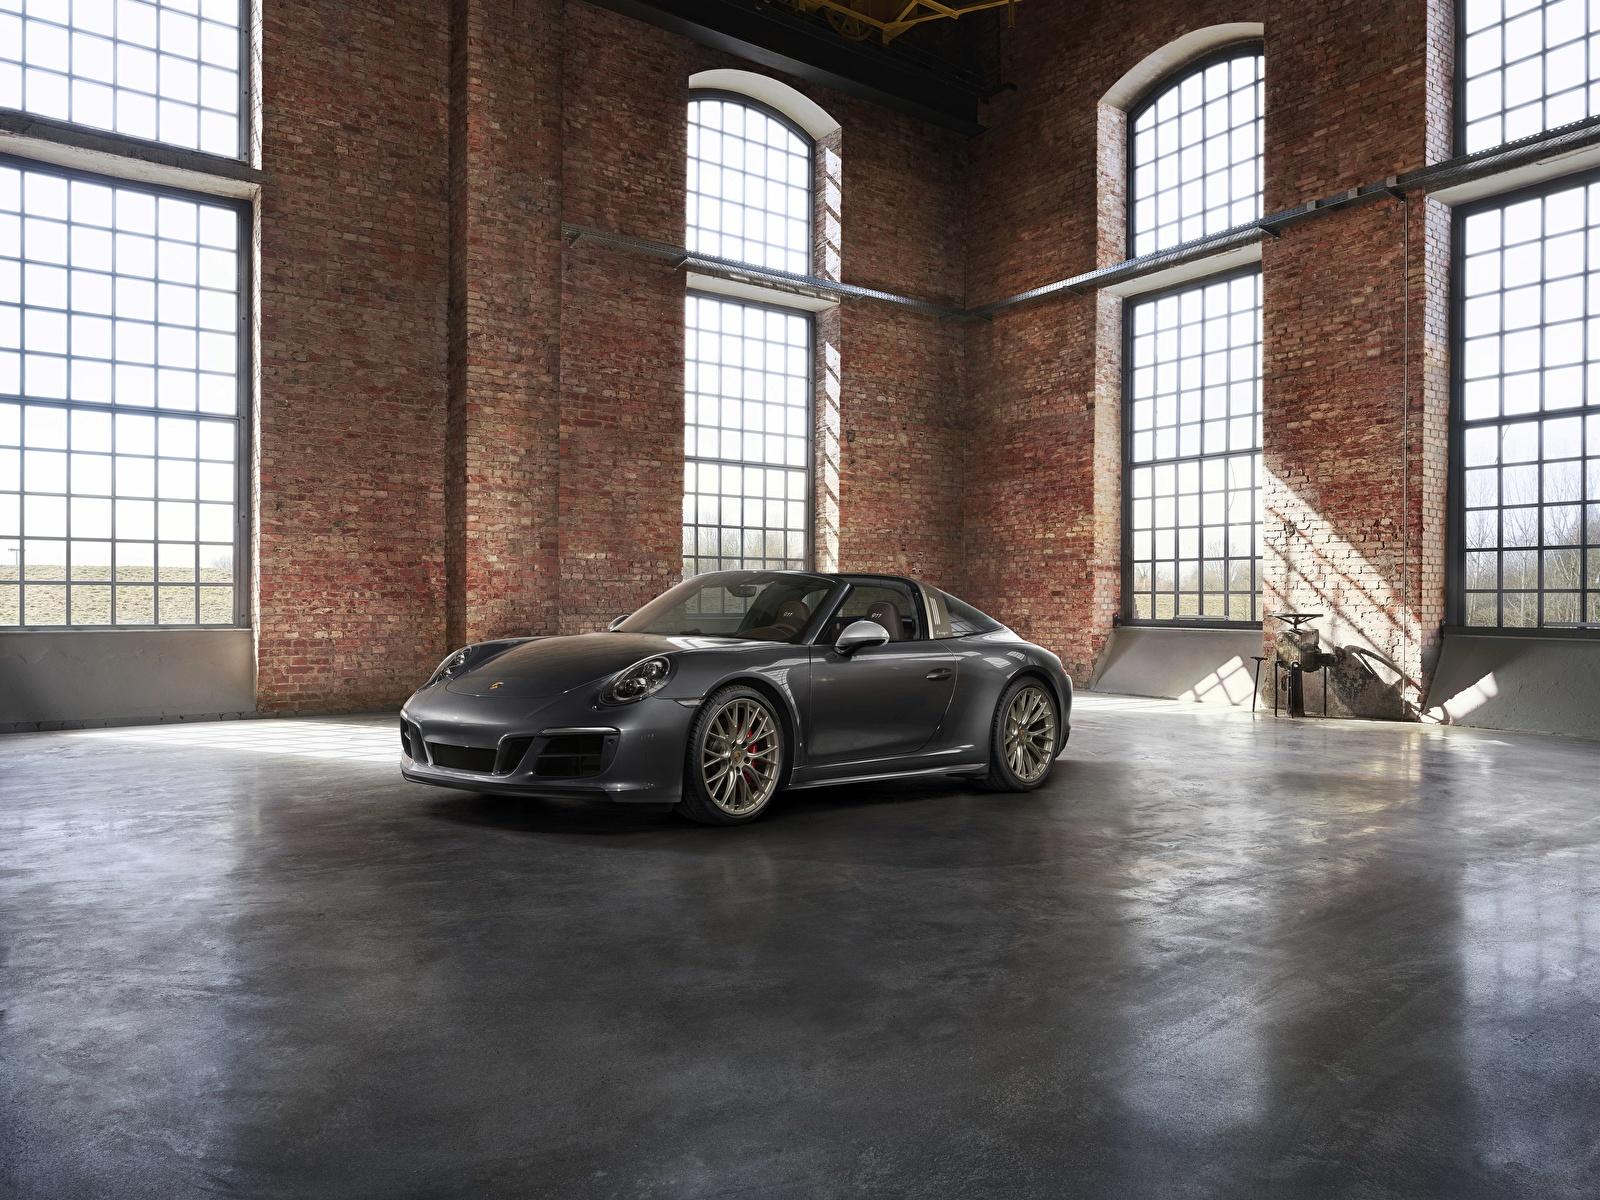 Картинки Porsche 4x4 Biturbo 911 Targa 4 GTS Exclusive Manufaktur Edition Родстер Серый Автомобили 1600x1200 Порше серые серая авто машина машины автомобиль